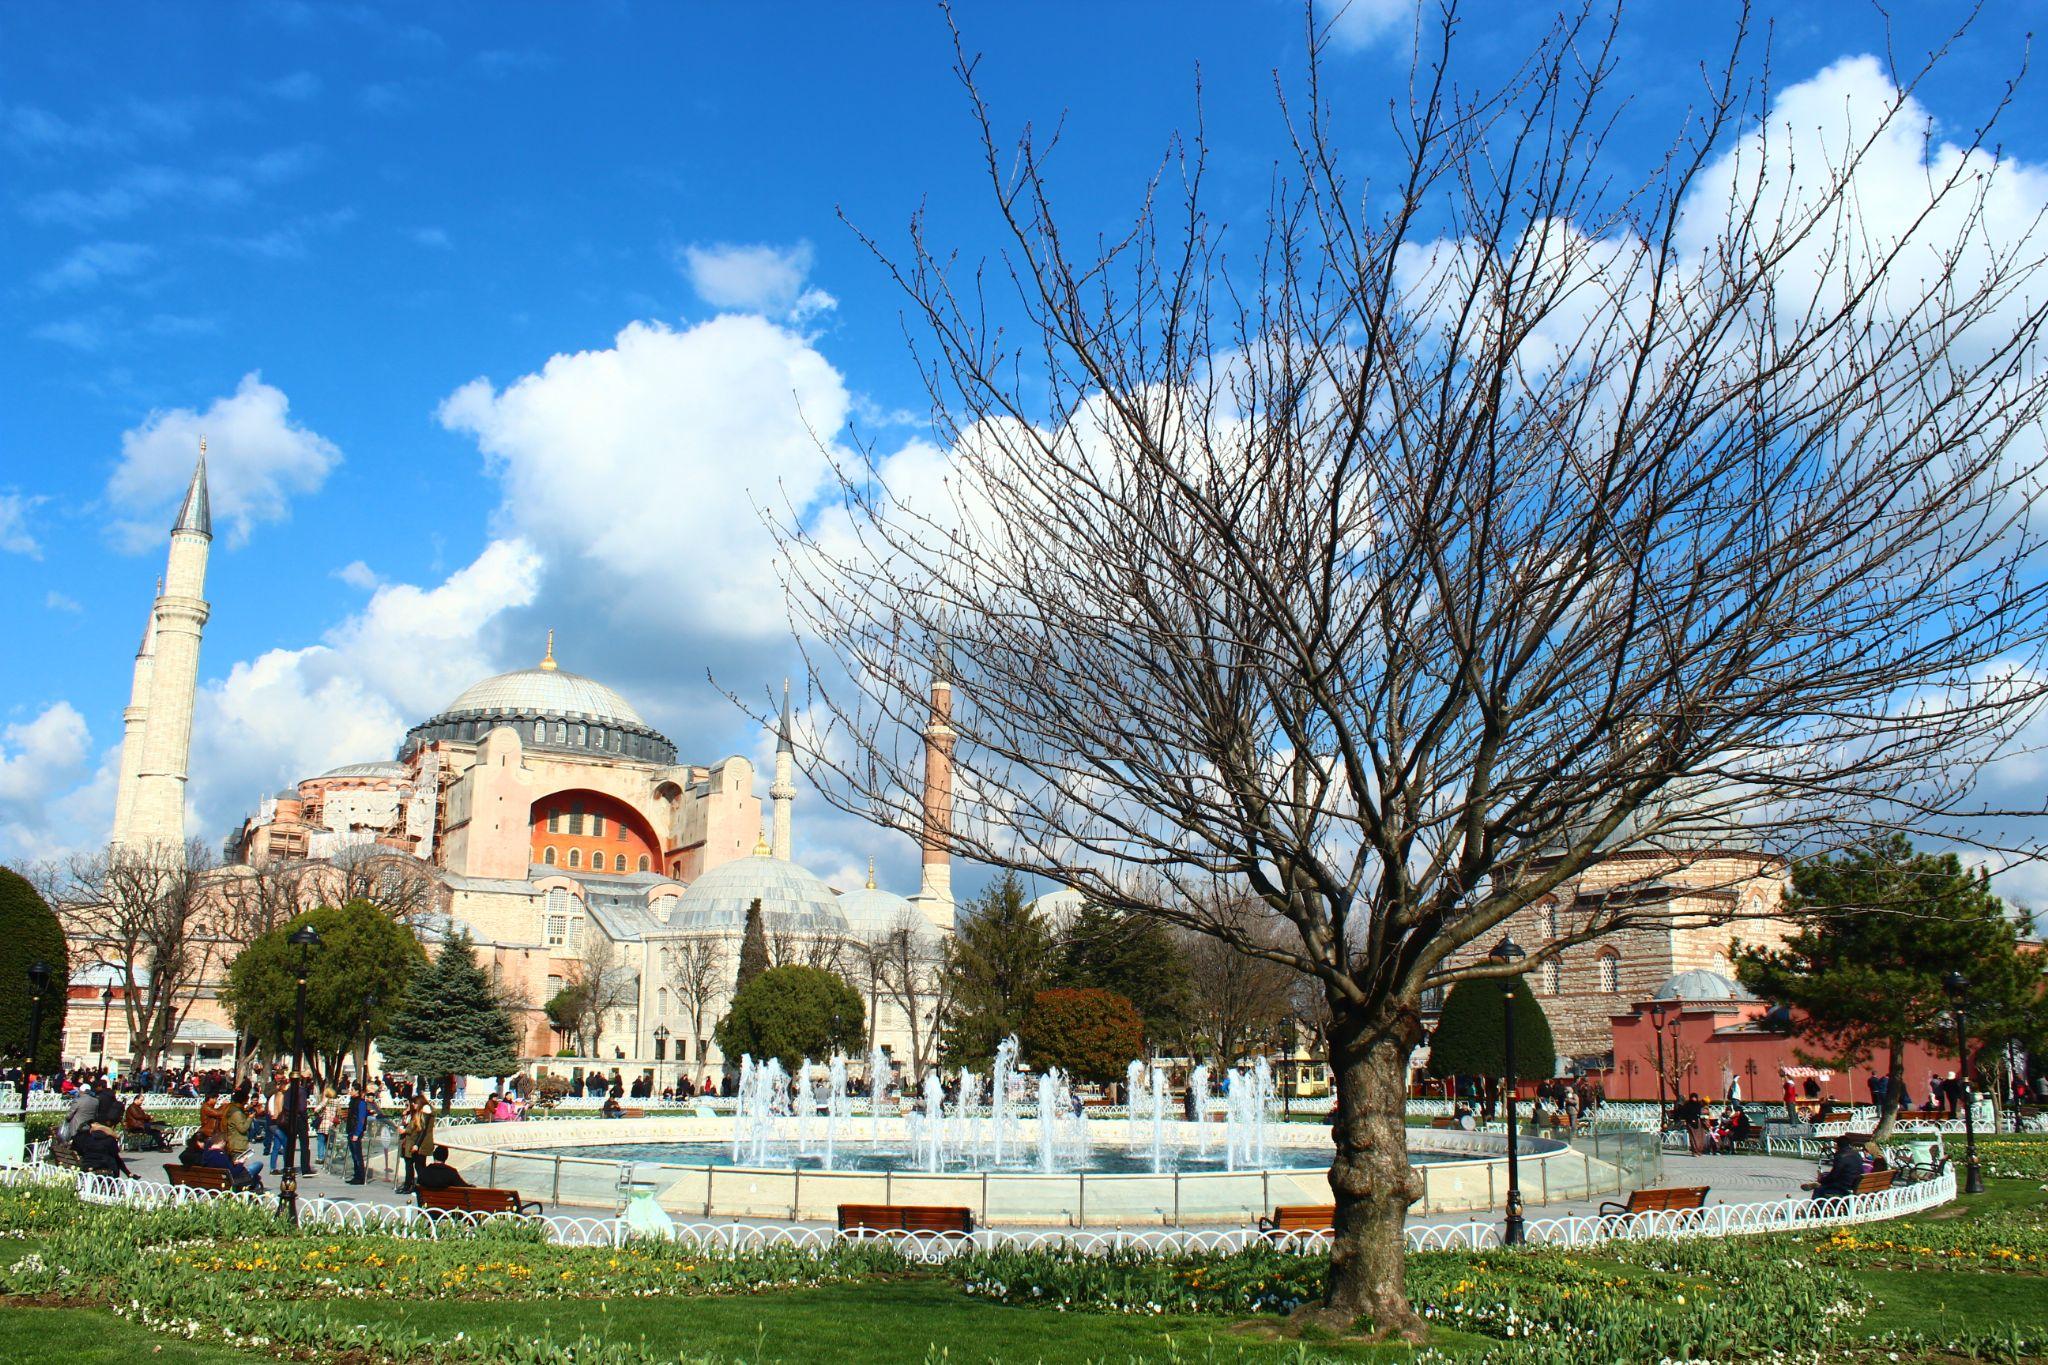 Ayasofya by Ali Kemal Özer